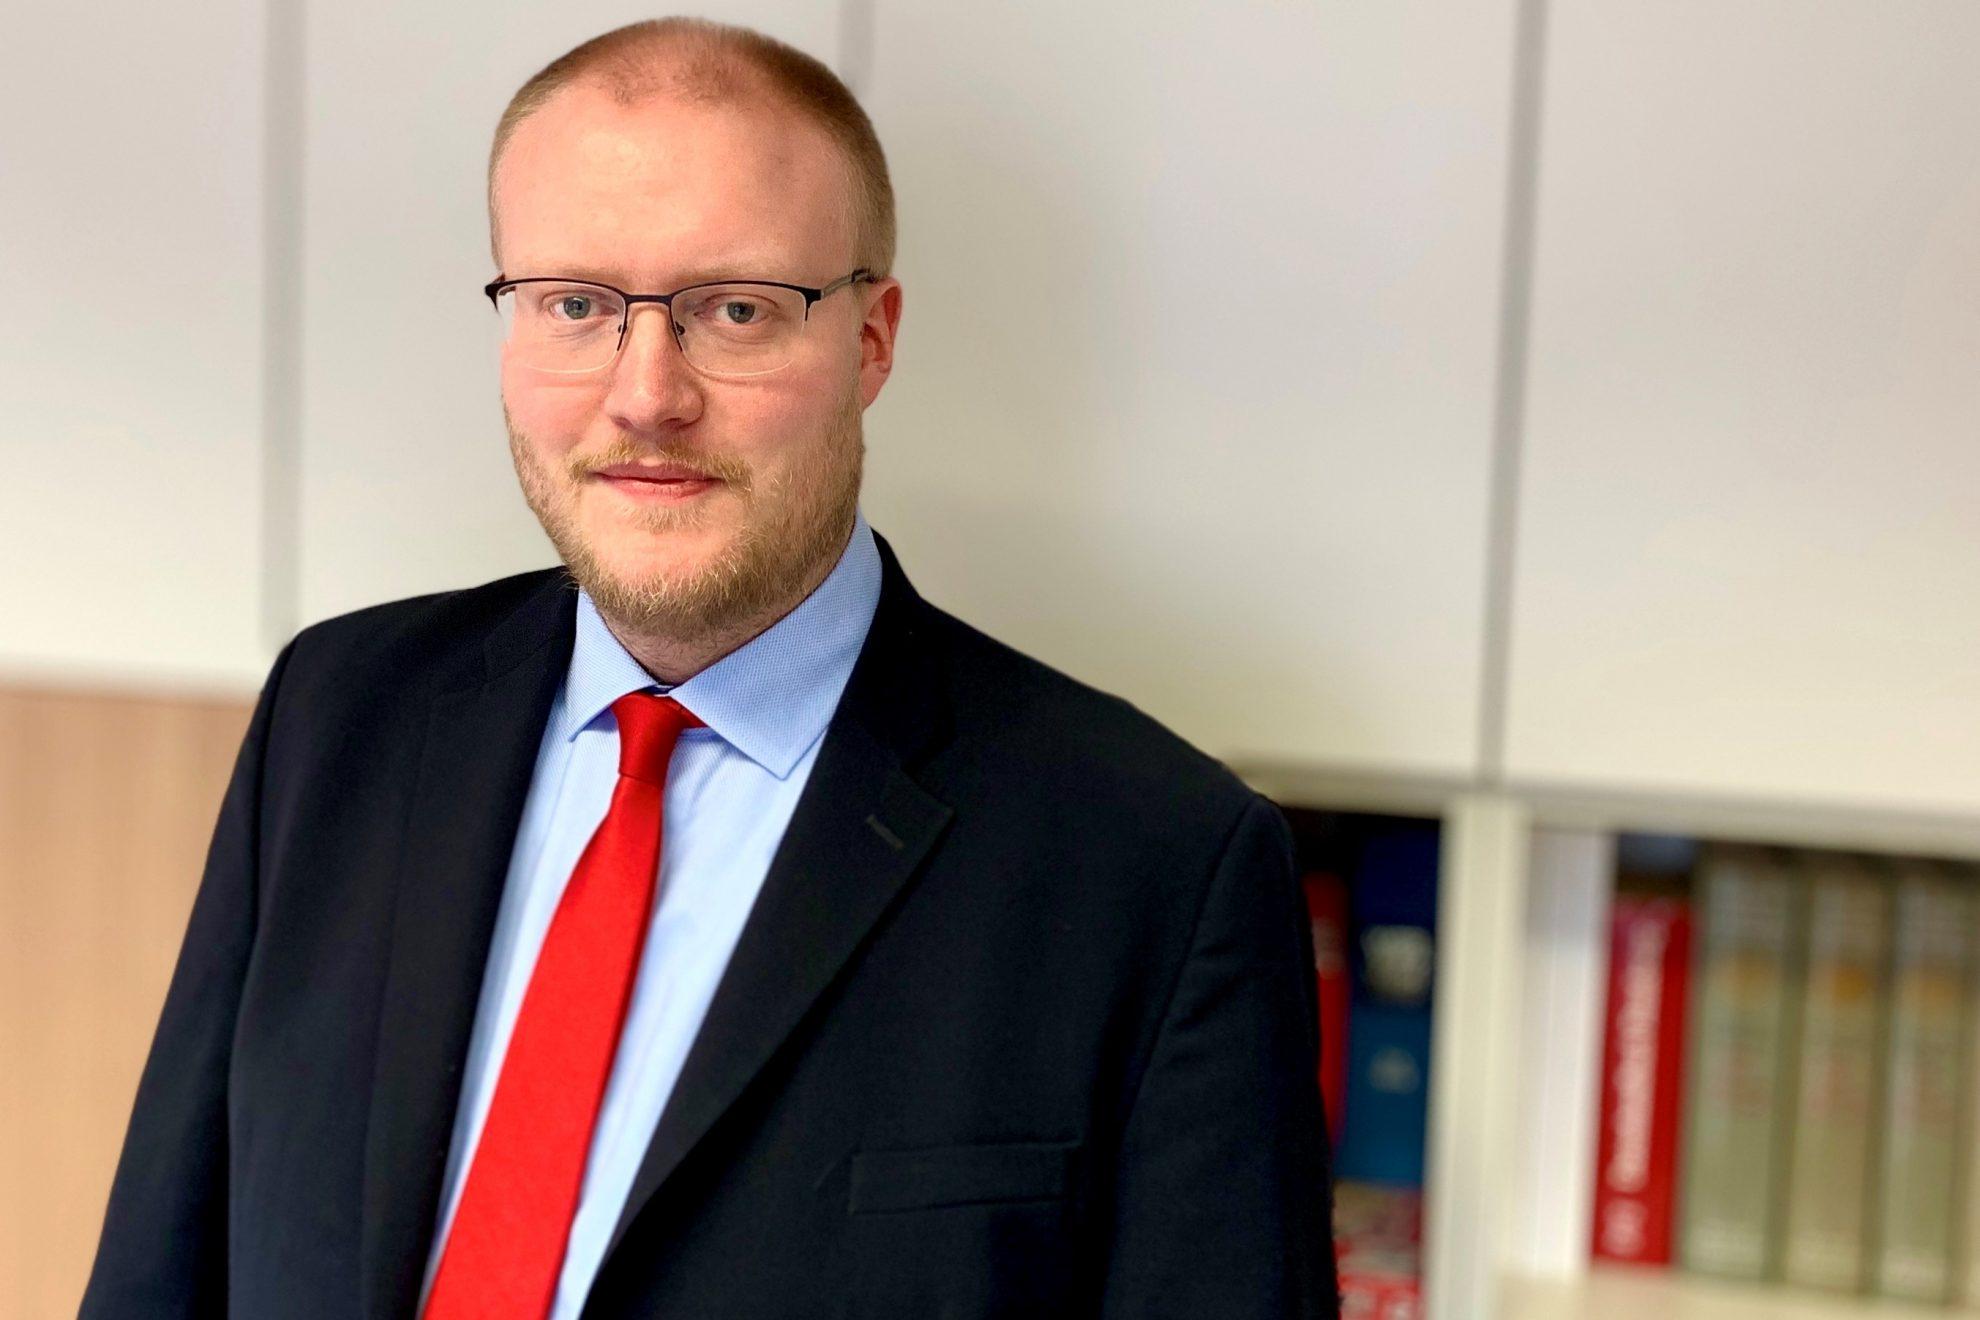 Matthias Himmelreich